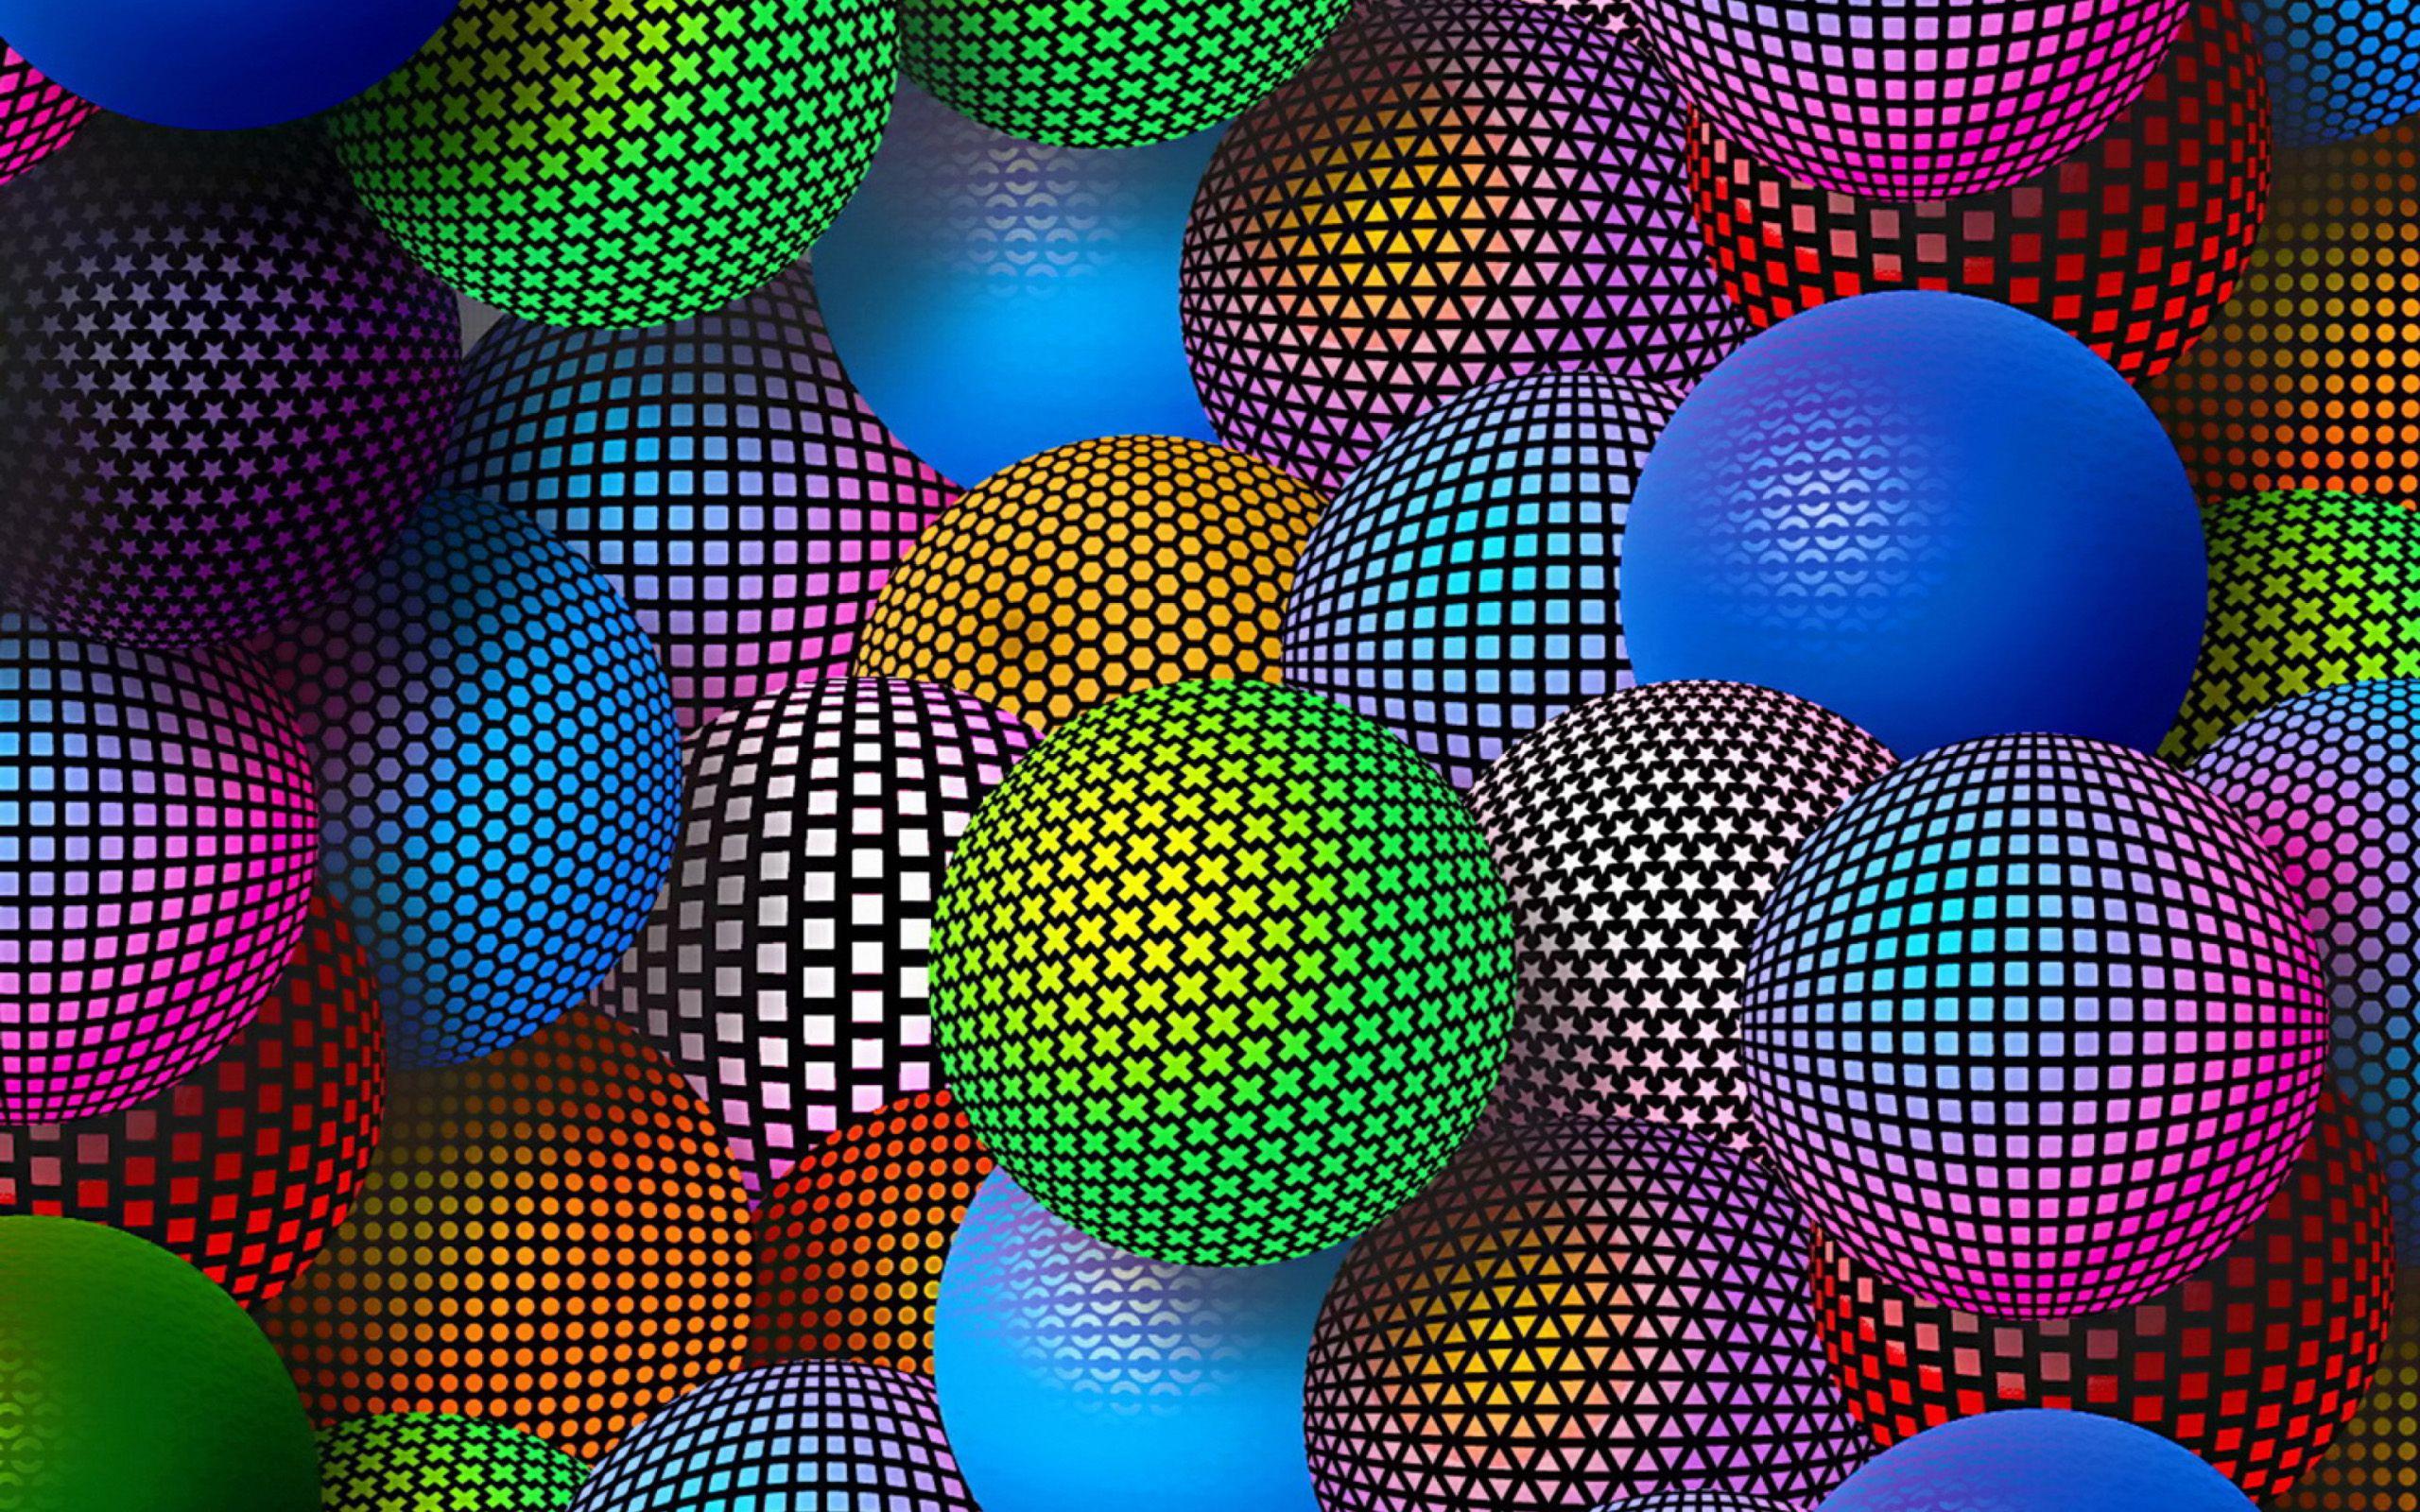 Hình nền 3D bóng cầu vồng